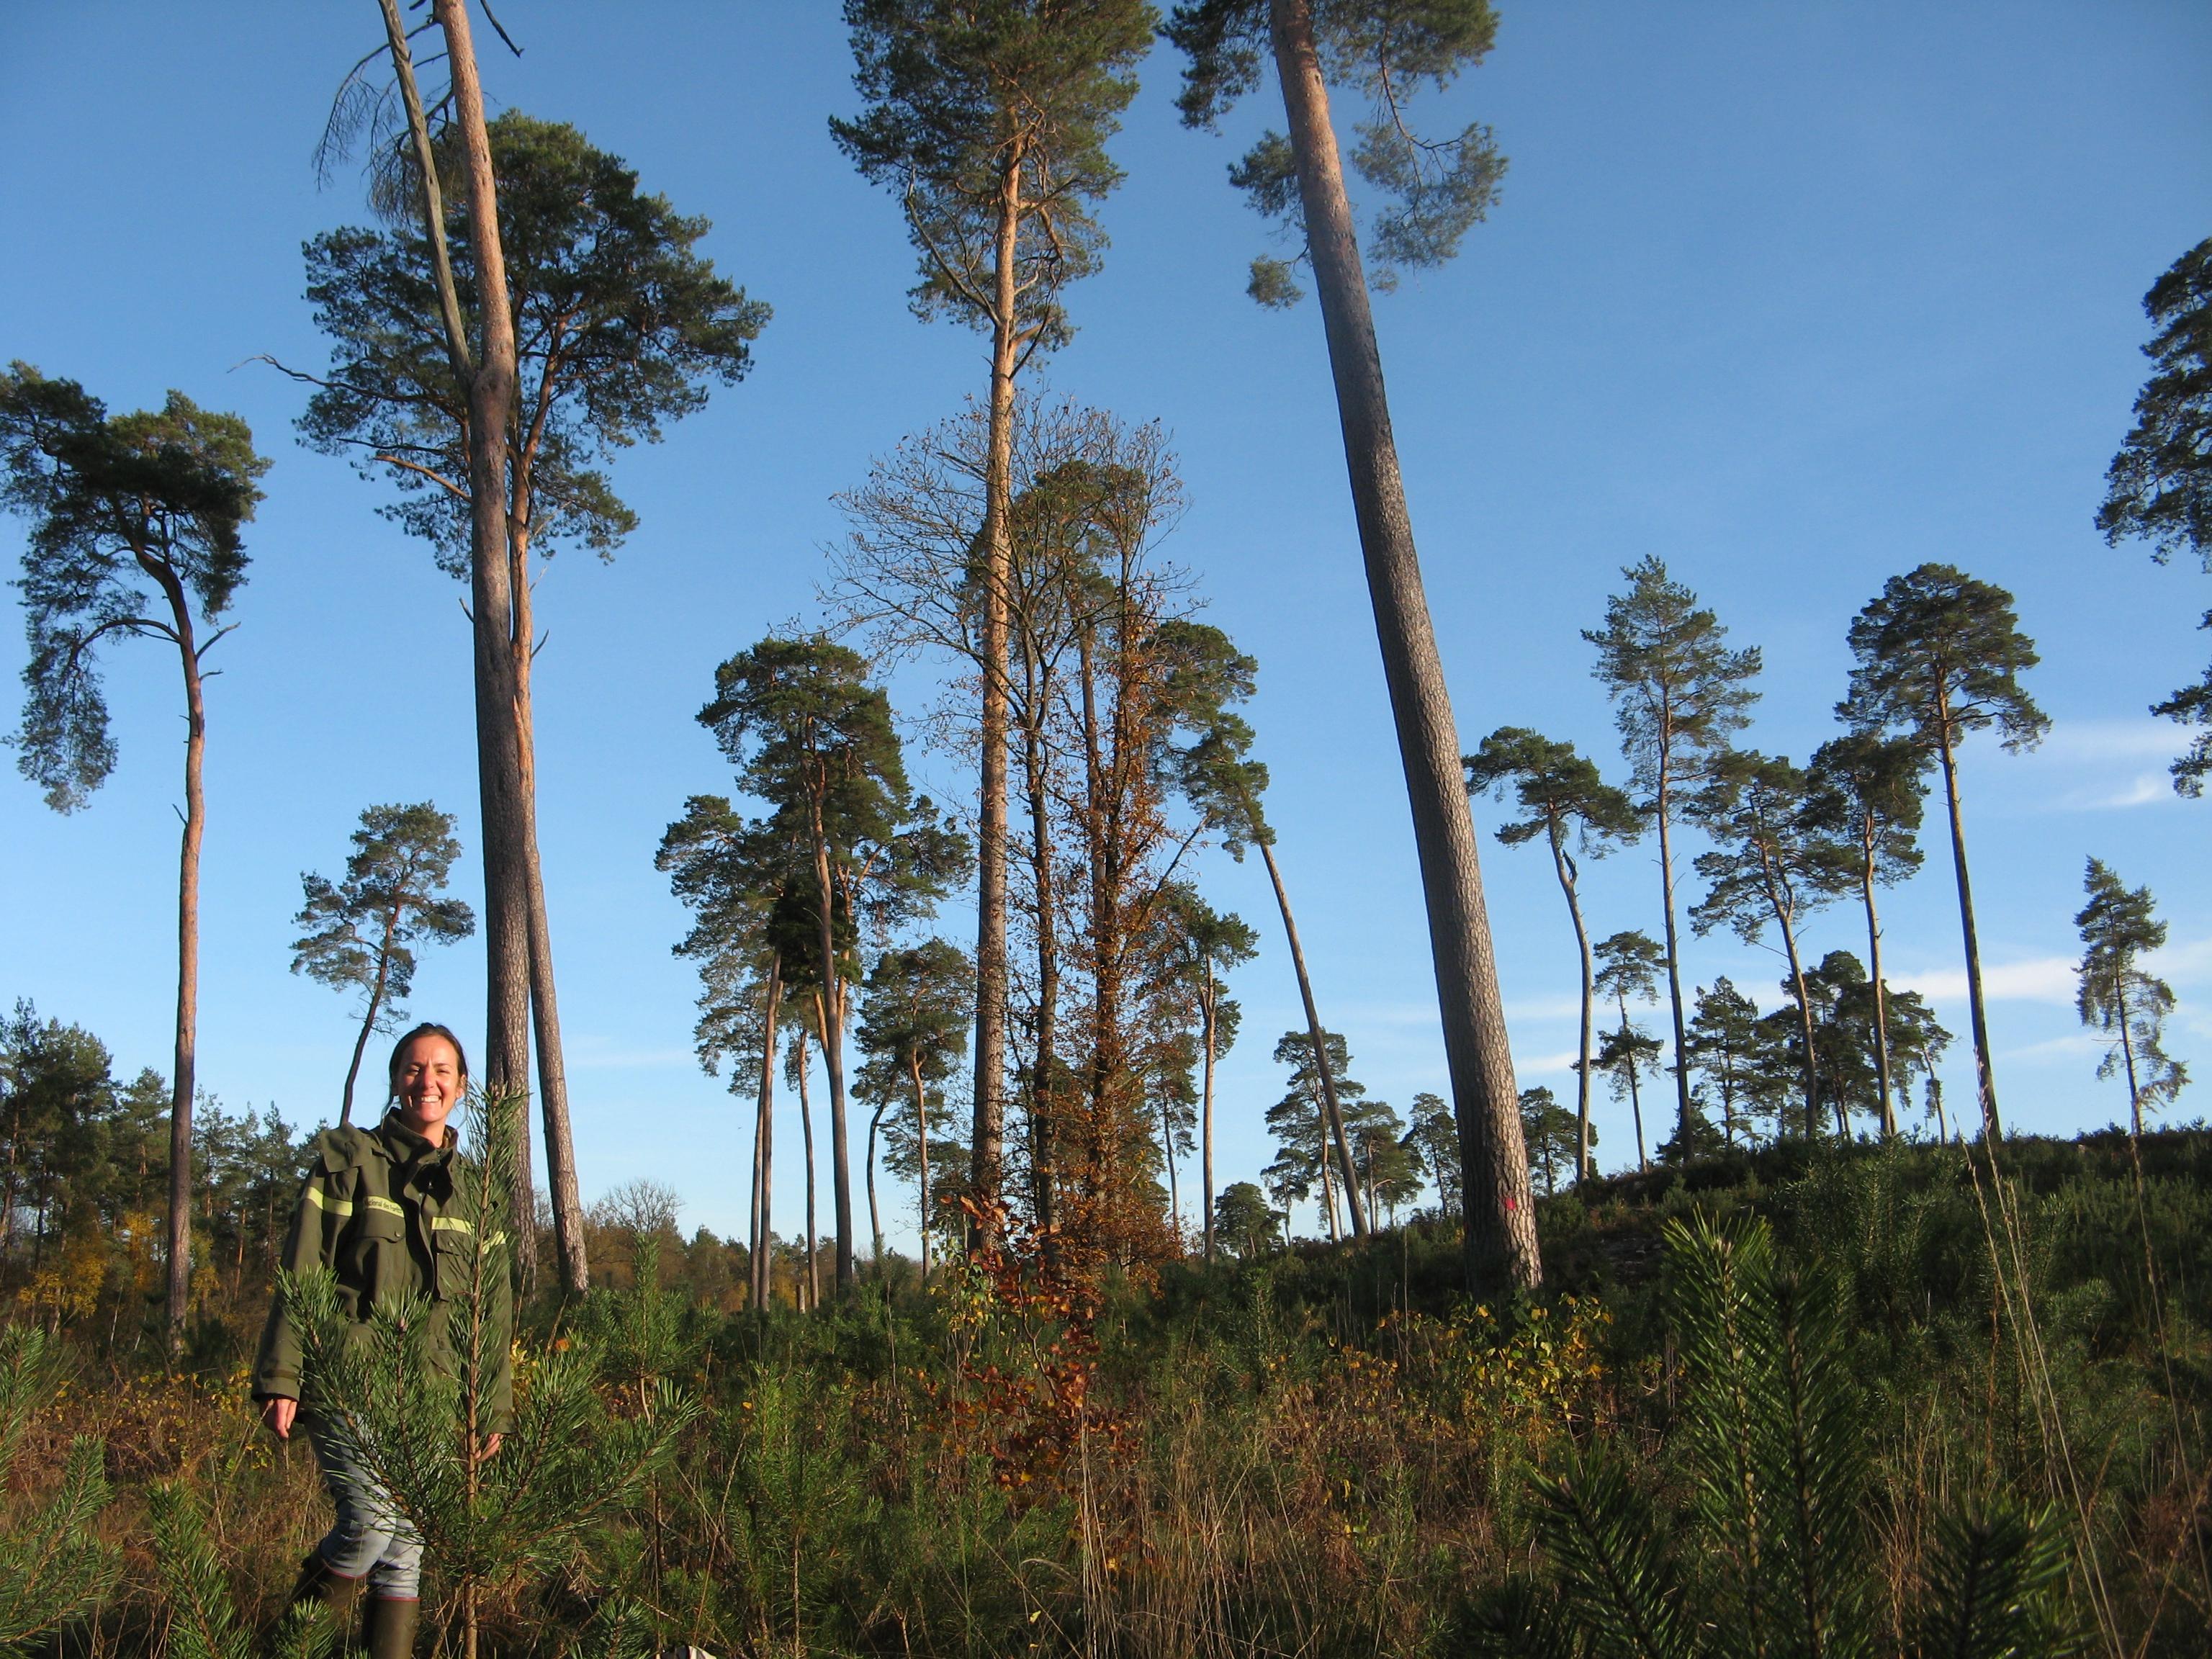 Laure Gautier, agent patrimonial de l'ONF, sur une parcelle de régénération. Forêt domaniale d'Ermenonville.